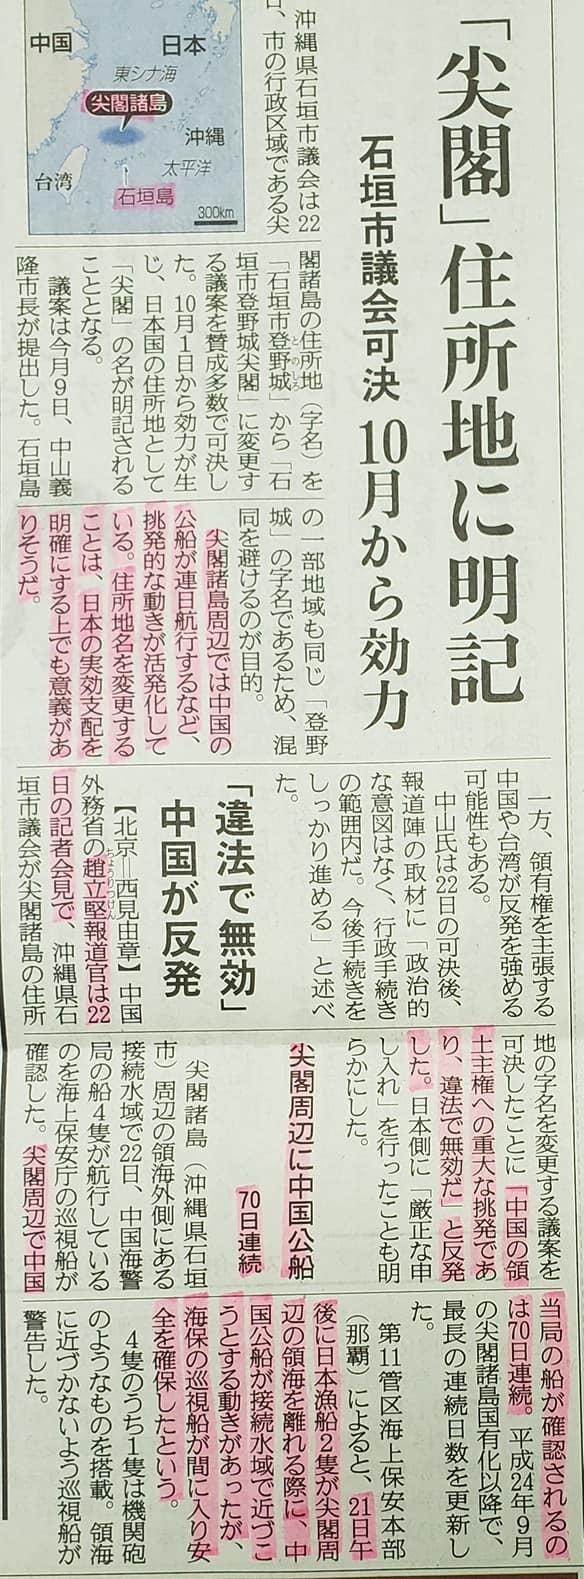 今日も三好道場本部には、靖国神社の日の丸を掲て「拉致被害者救出」 「憲法改正」 を応援しています。_c0186691_10044745.jpg